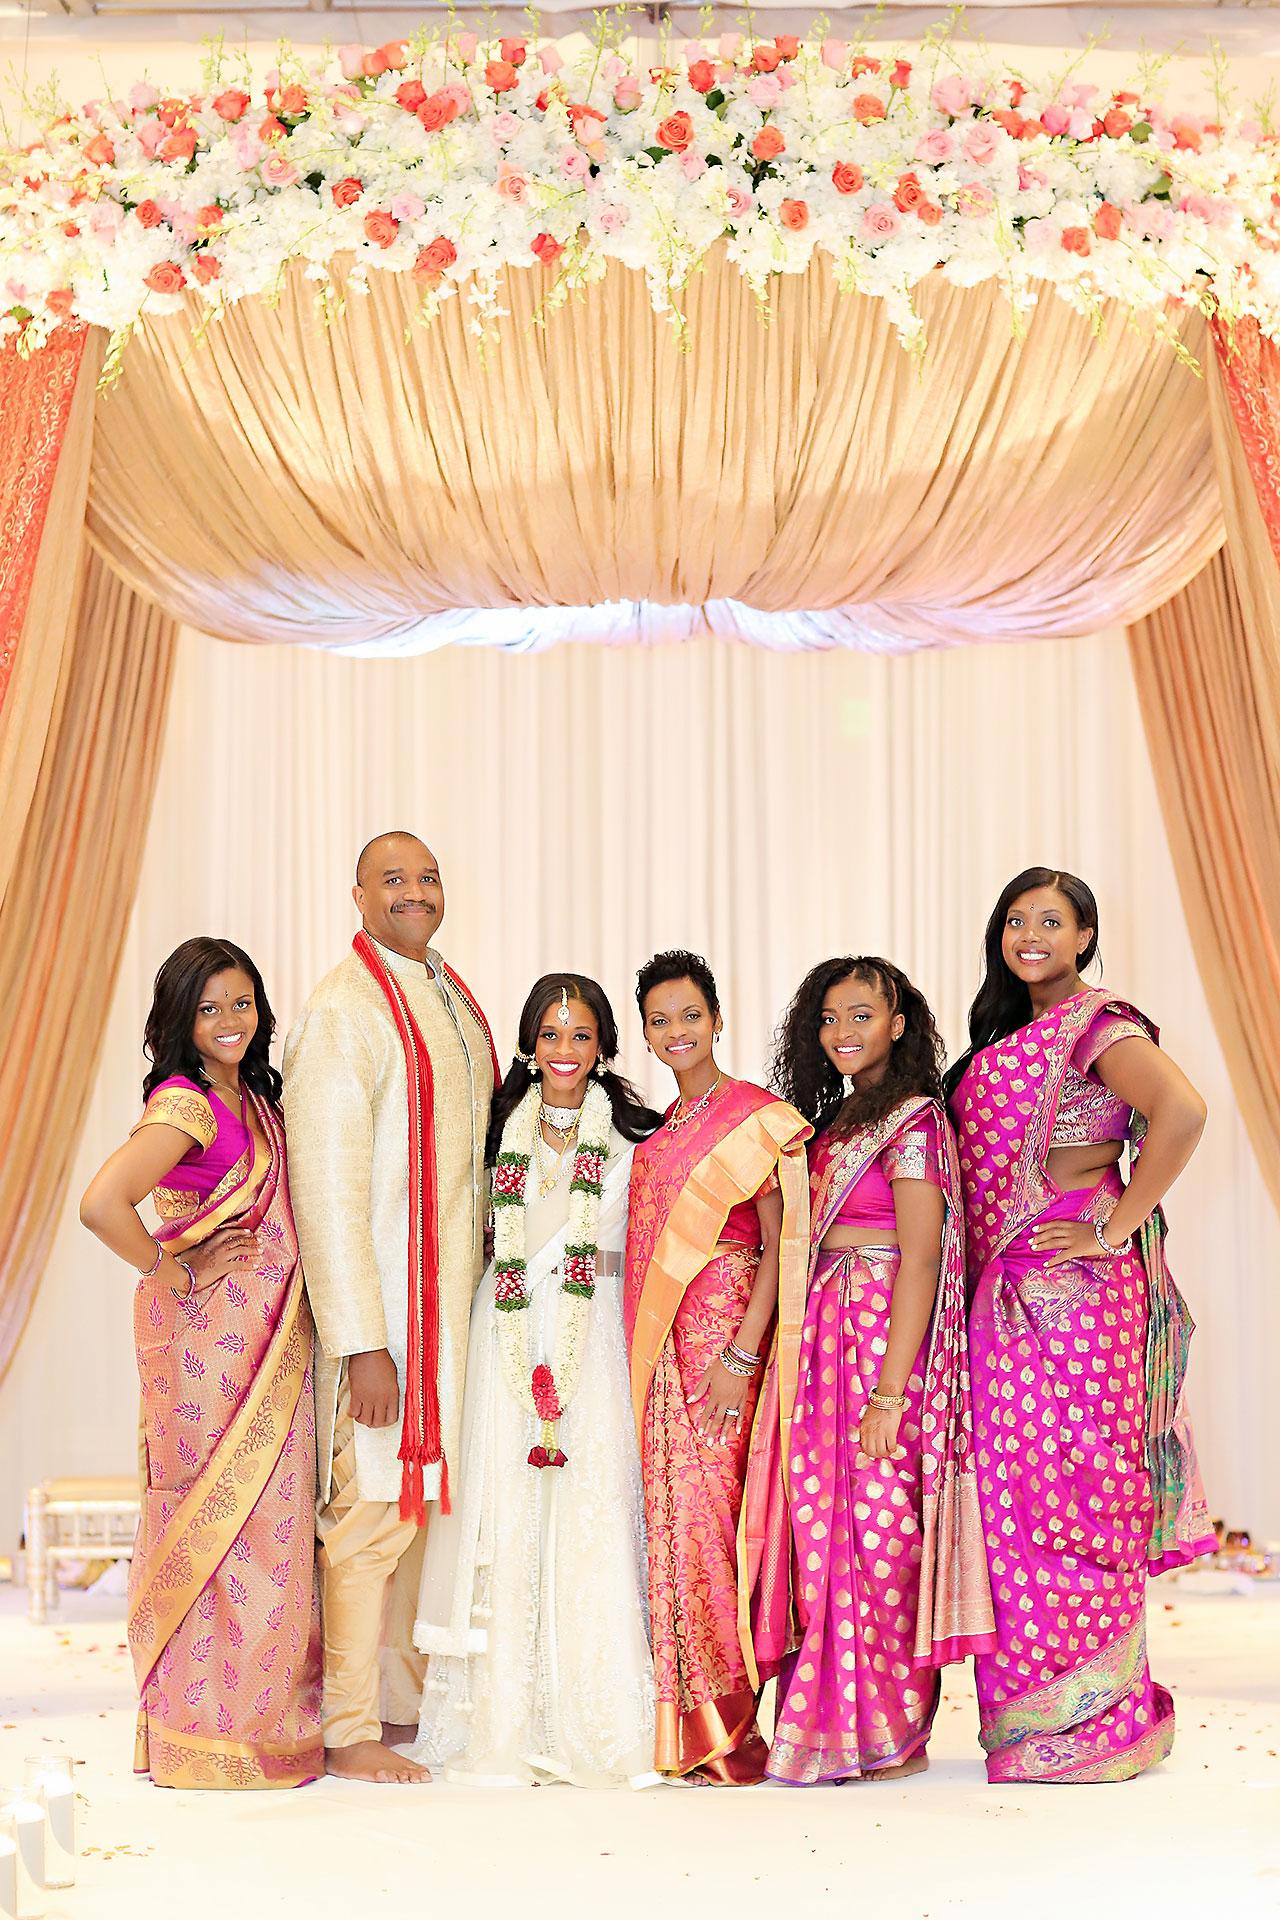 Joie Nikhil JW Marriott Indian Wedding 317